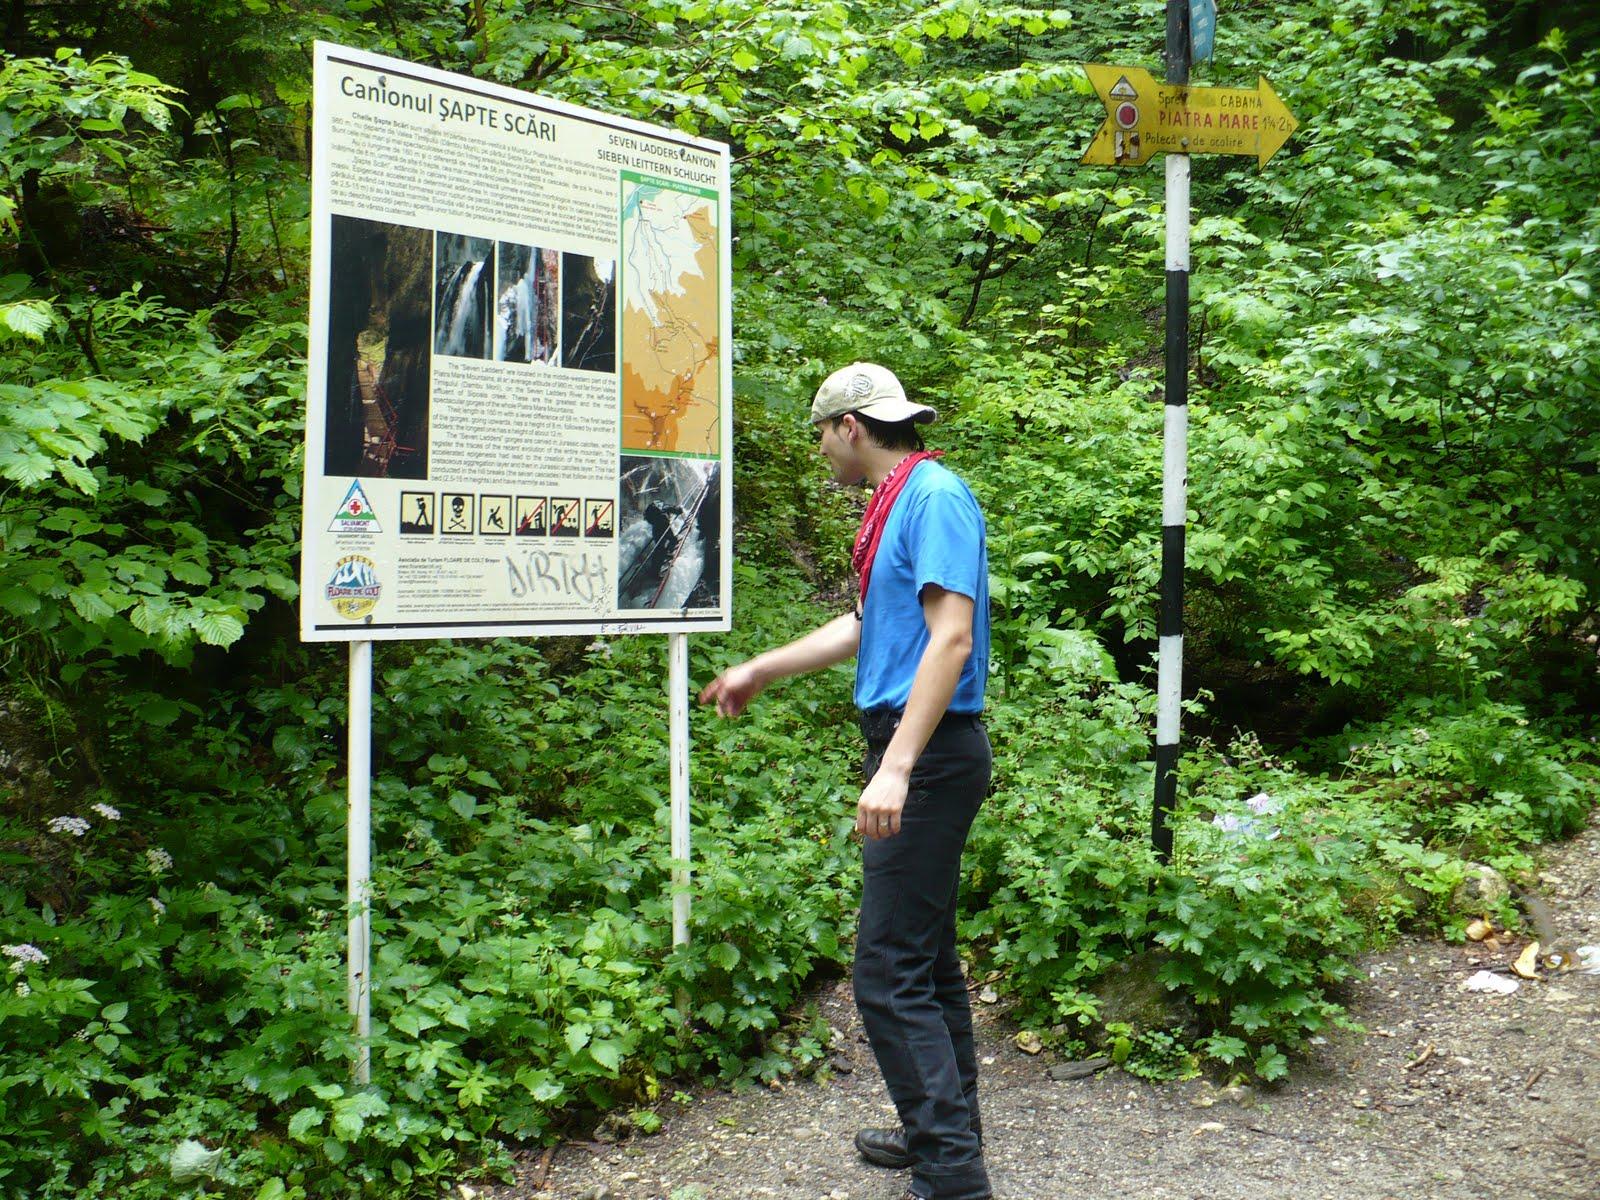 Panou de informare de la intrarea în Canionul 7 Scări